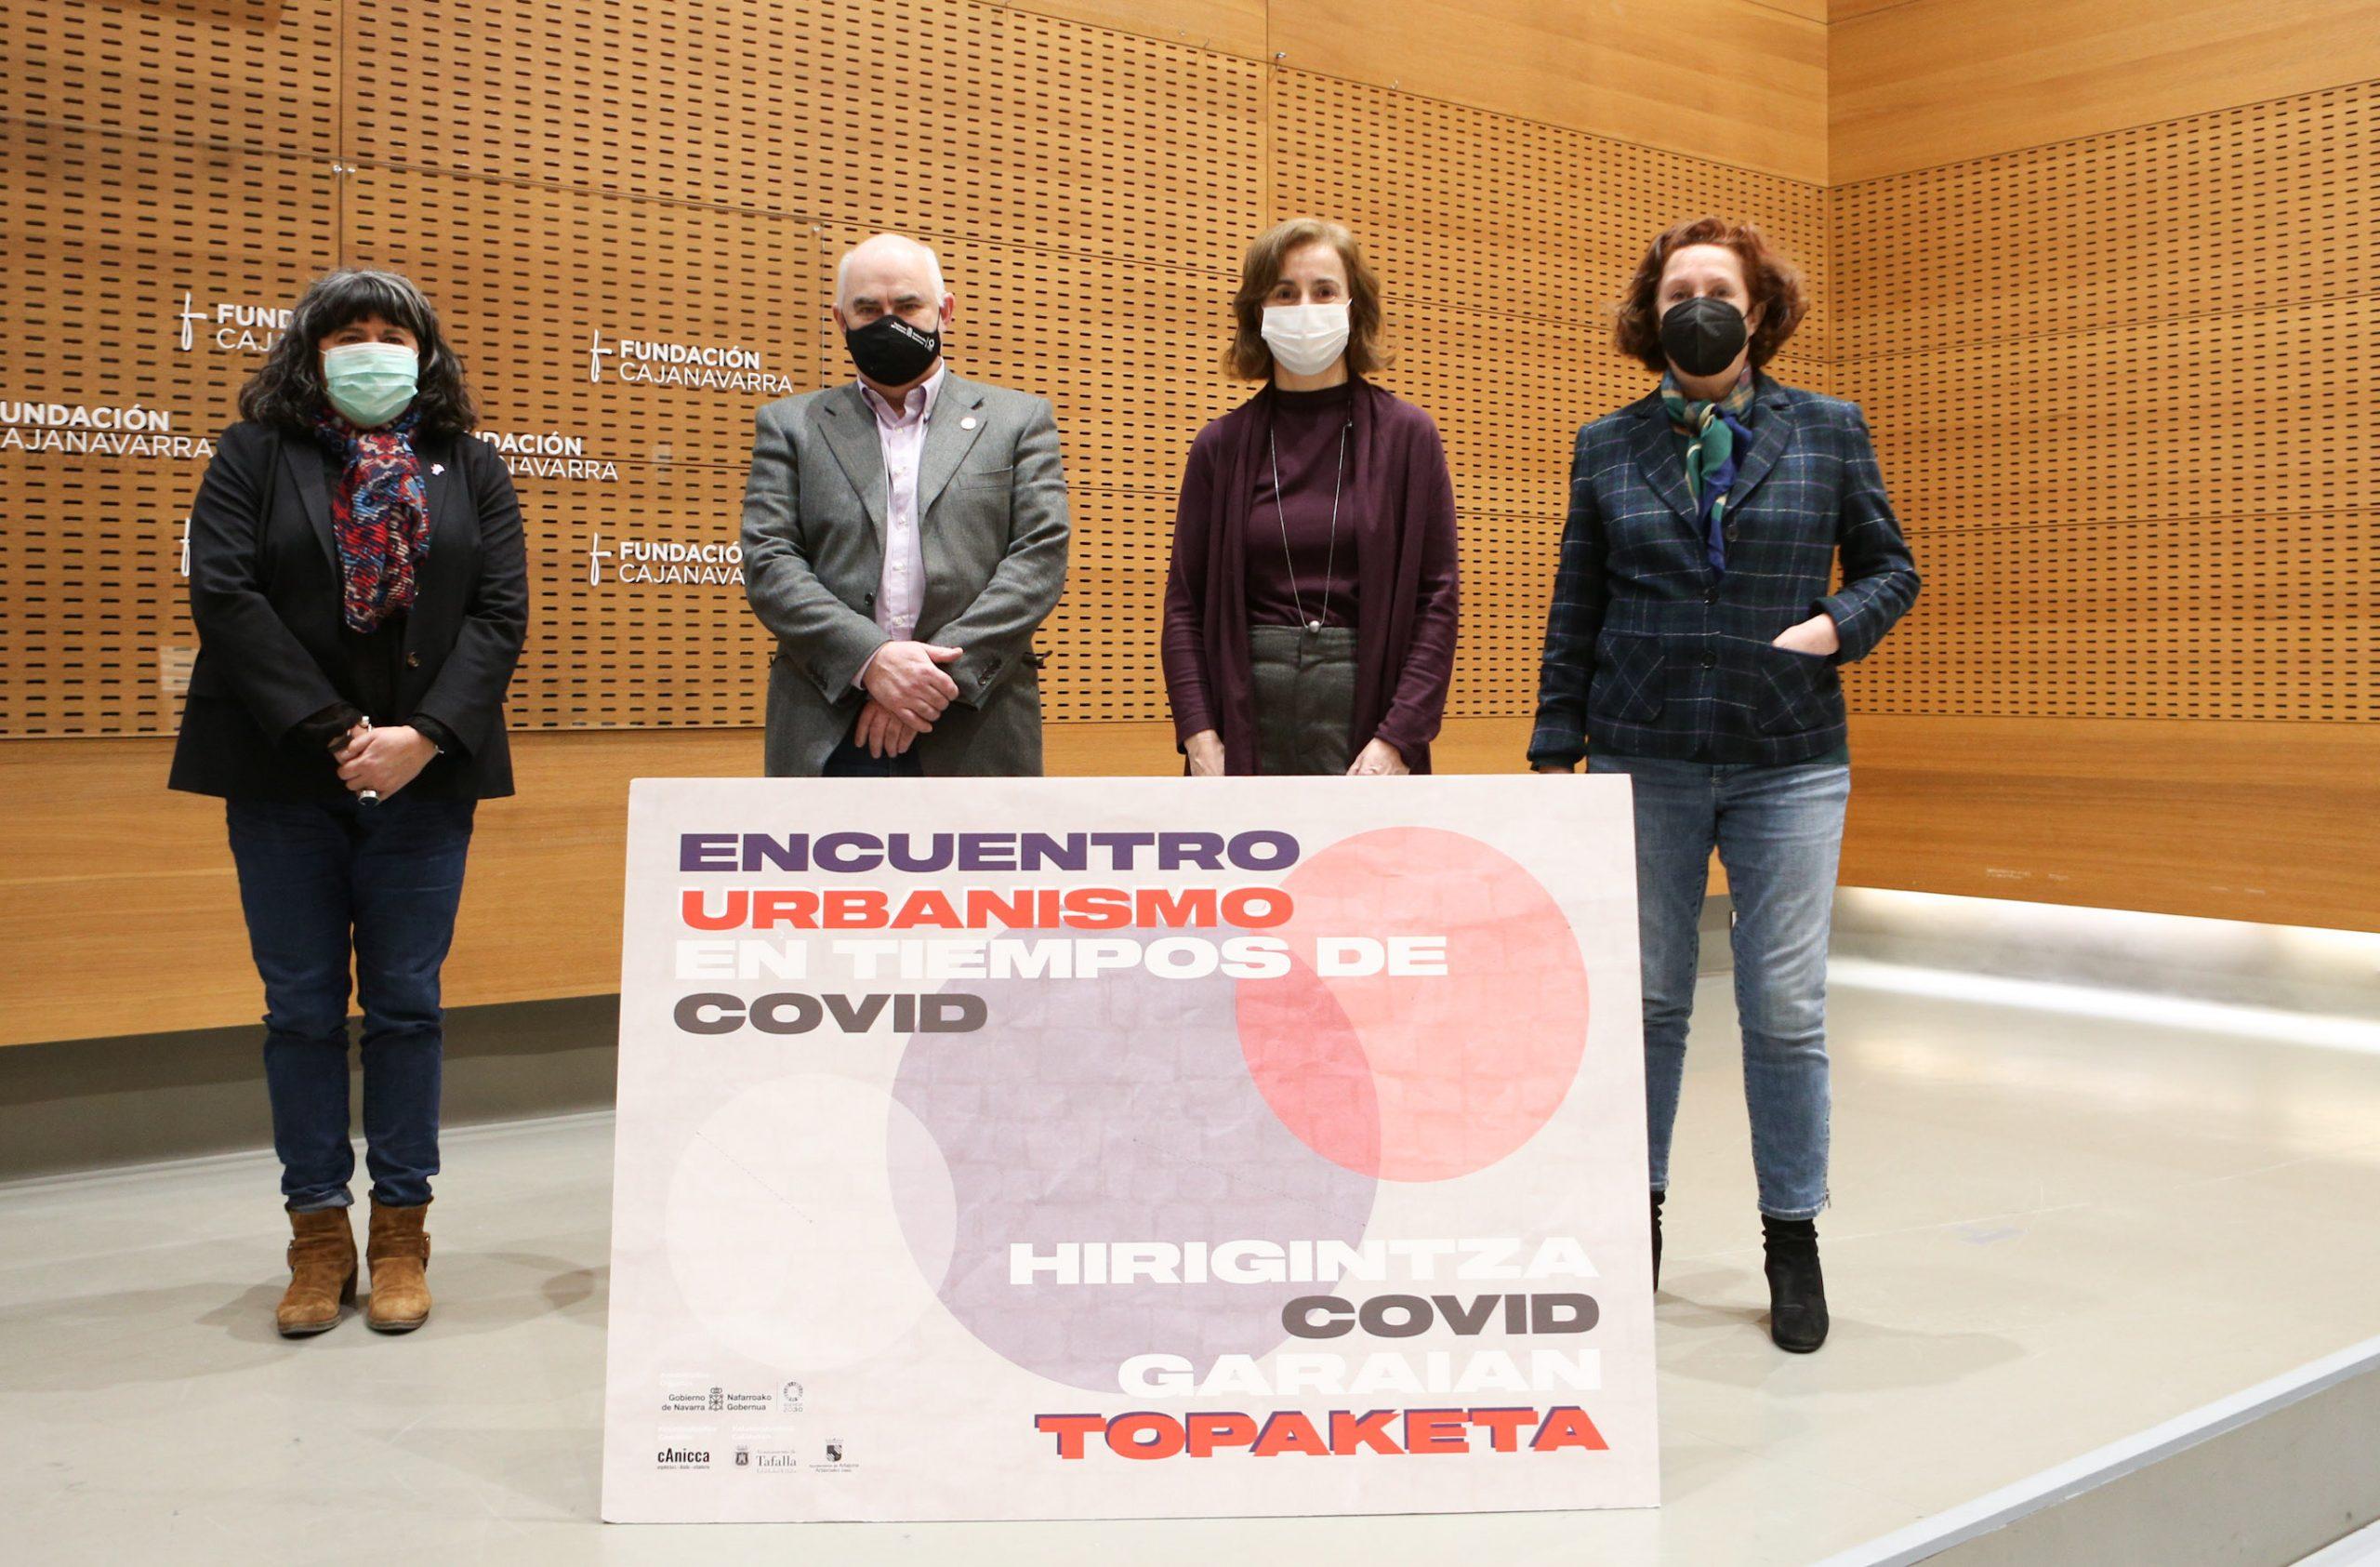 El vicepresidente Aierdi y la directora general de Ordenación del Territorio, Izaskun Abril, junto a la directora gerente del INAI, Eva Isturiz (izqda.), y la arquitecta-urbanista, María Urmeneta